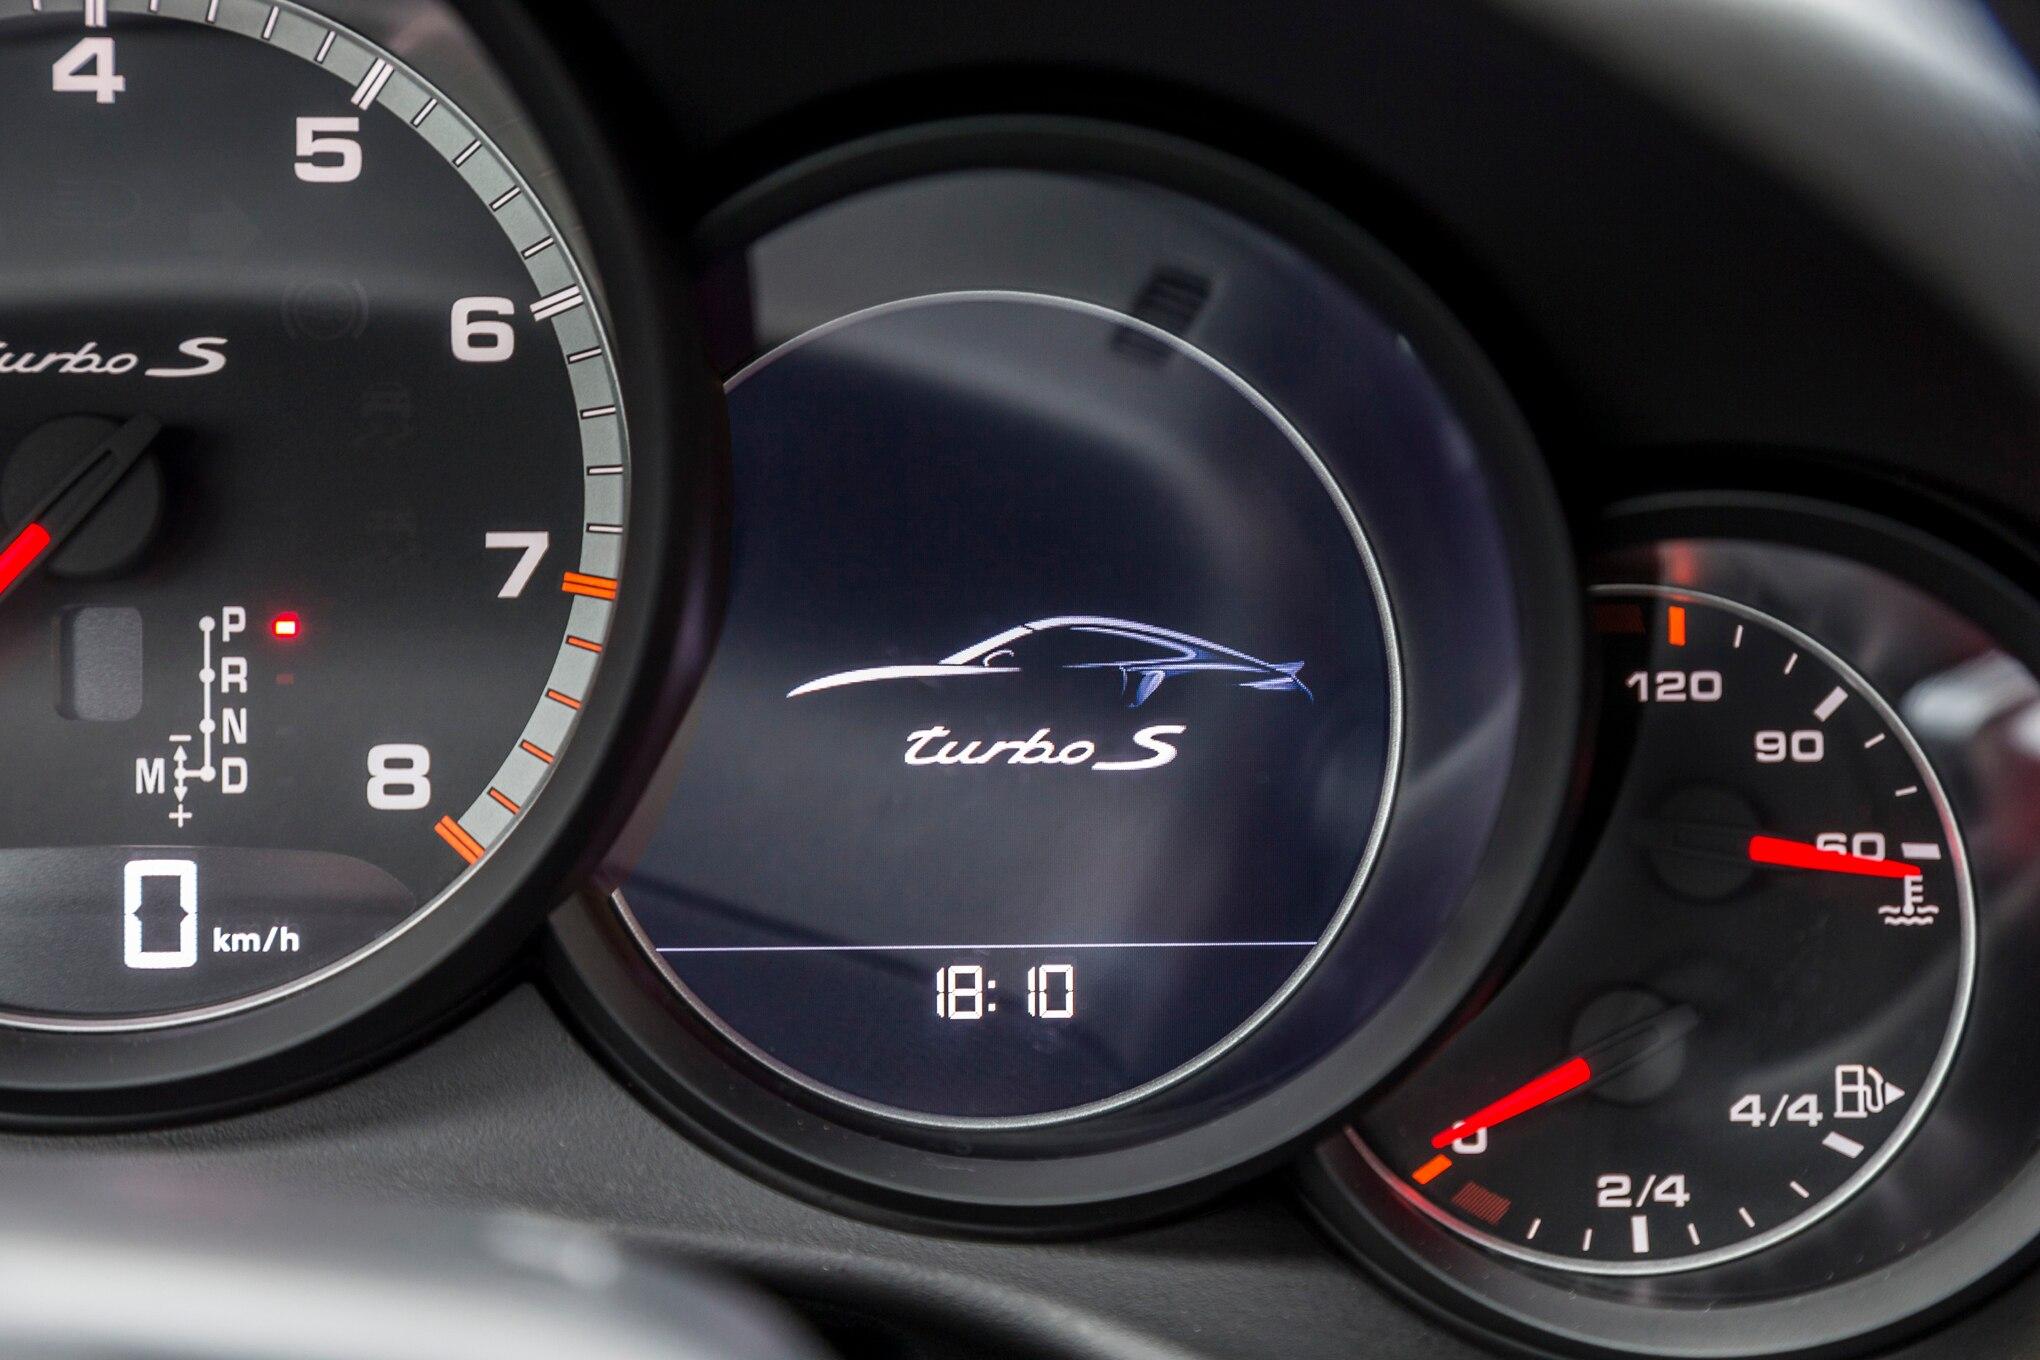 2017 Porsche 911 Turbo S instrument cluster